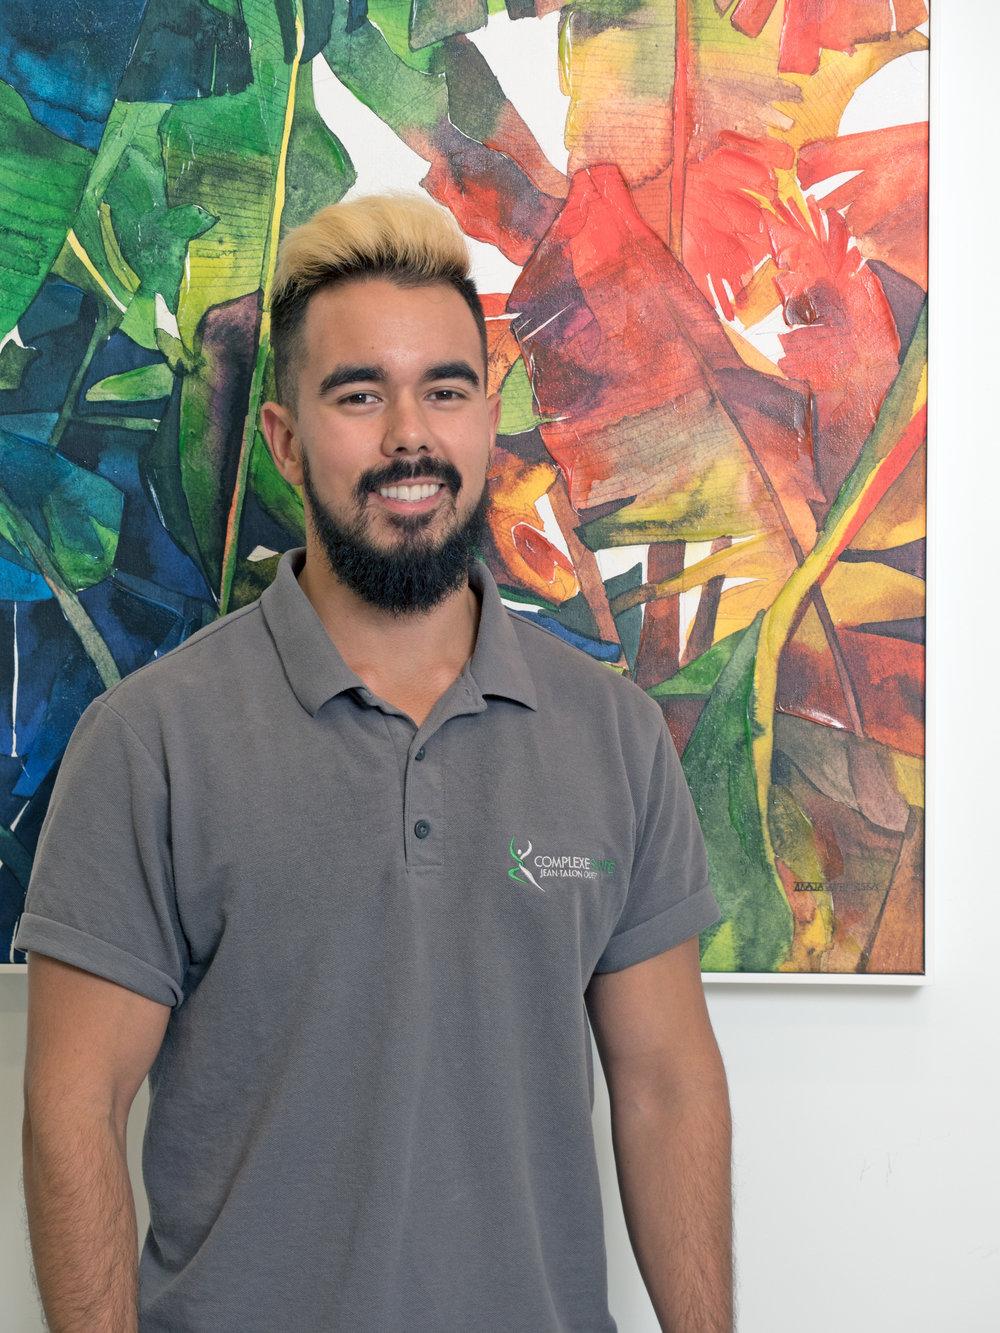 Jean-Félix Boucher  Kinésiologue   Jean-Félix  est kinésiologue diplômé de l'Université de Montréal et membre de la Fédération des Kinésiologues du Québec depuis 2016.  Il détient un baccalauréat et une maîtrise en kinésiologie. Il cumule plus de 8 ans d'expérience en entraînement et en activité physique.